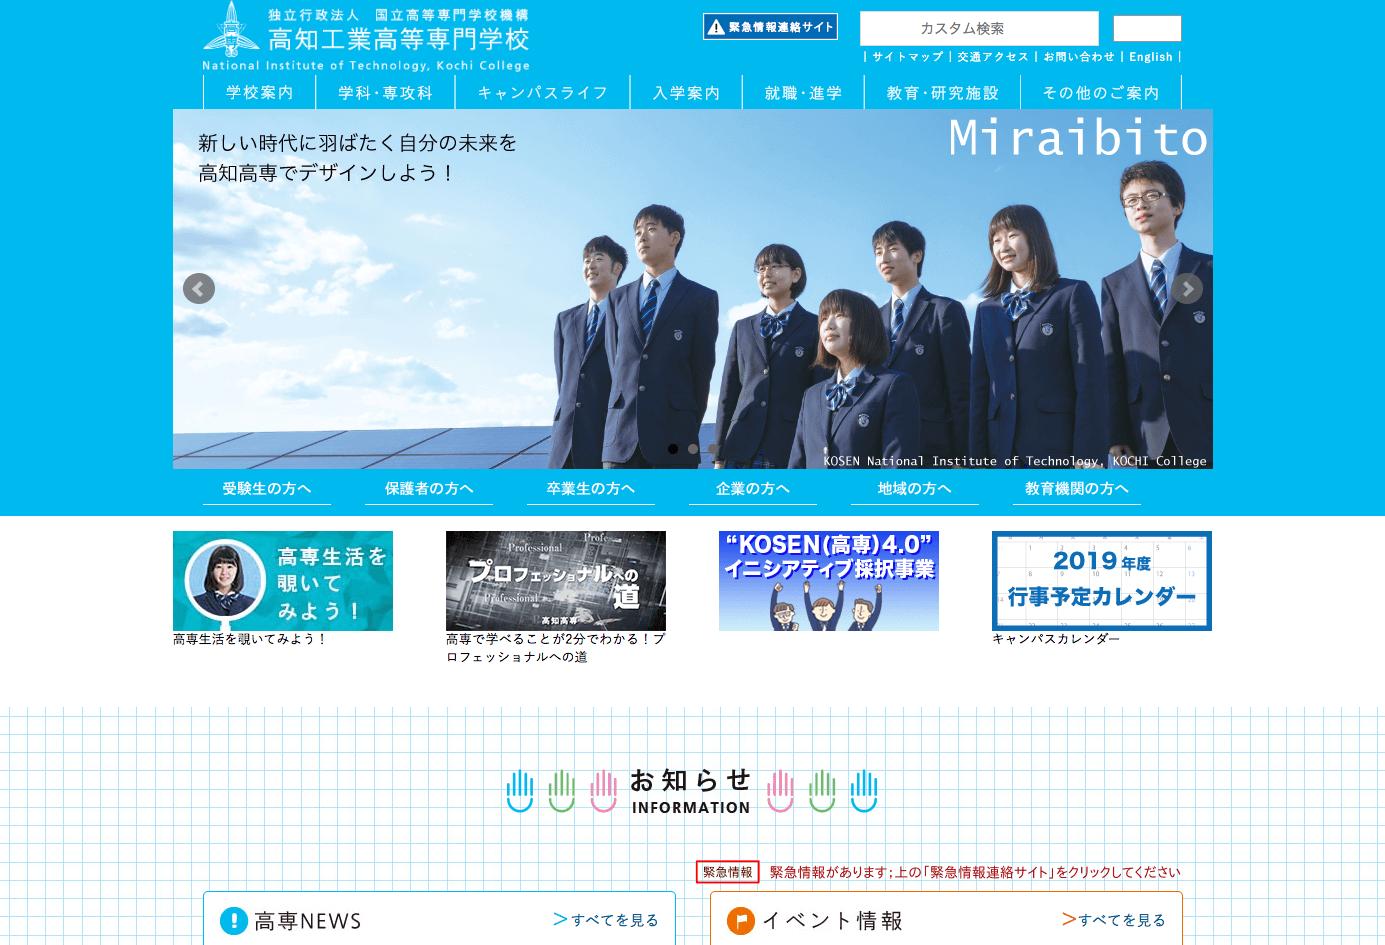 新居浜 高専 ウェブ